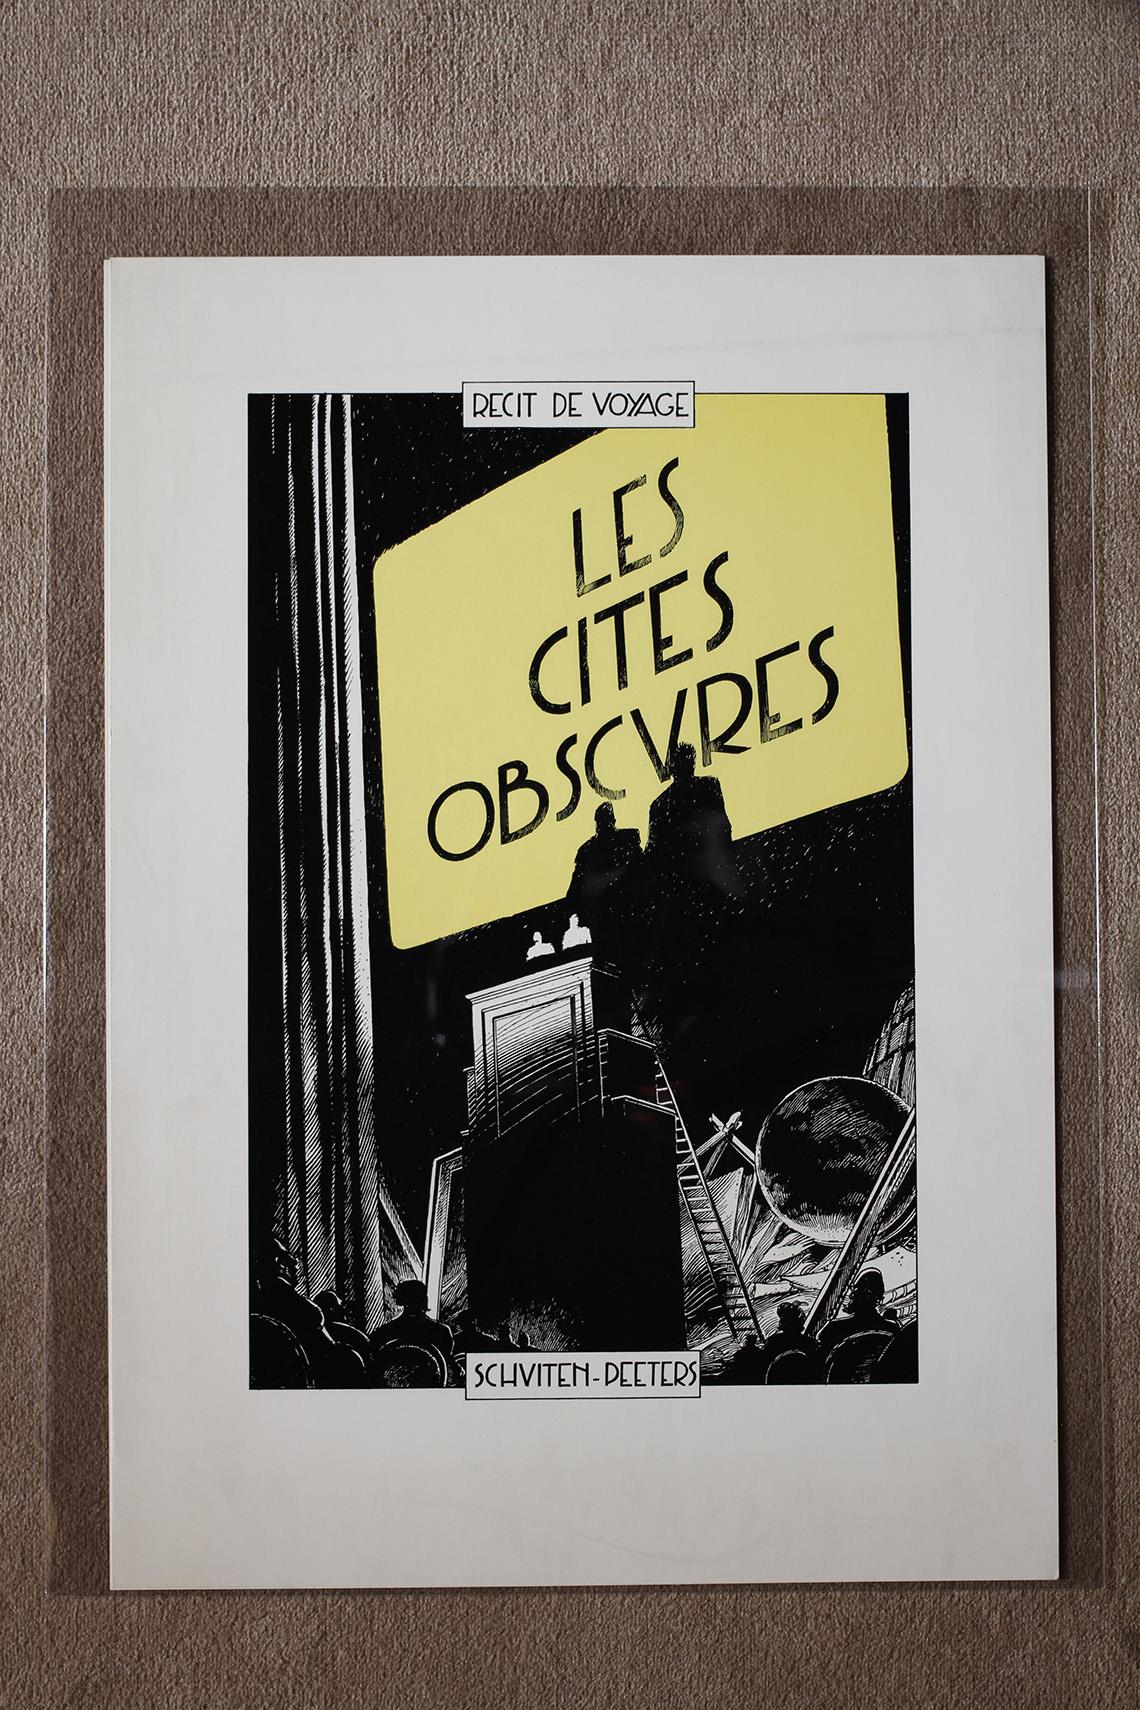 Récit de voyage. Les Cités obscures© François Schuiten, 1988